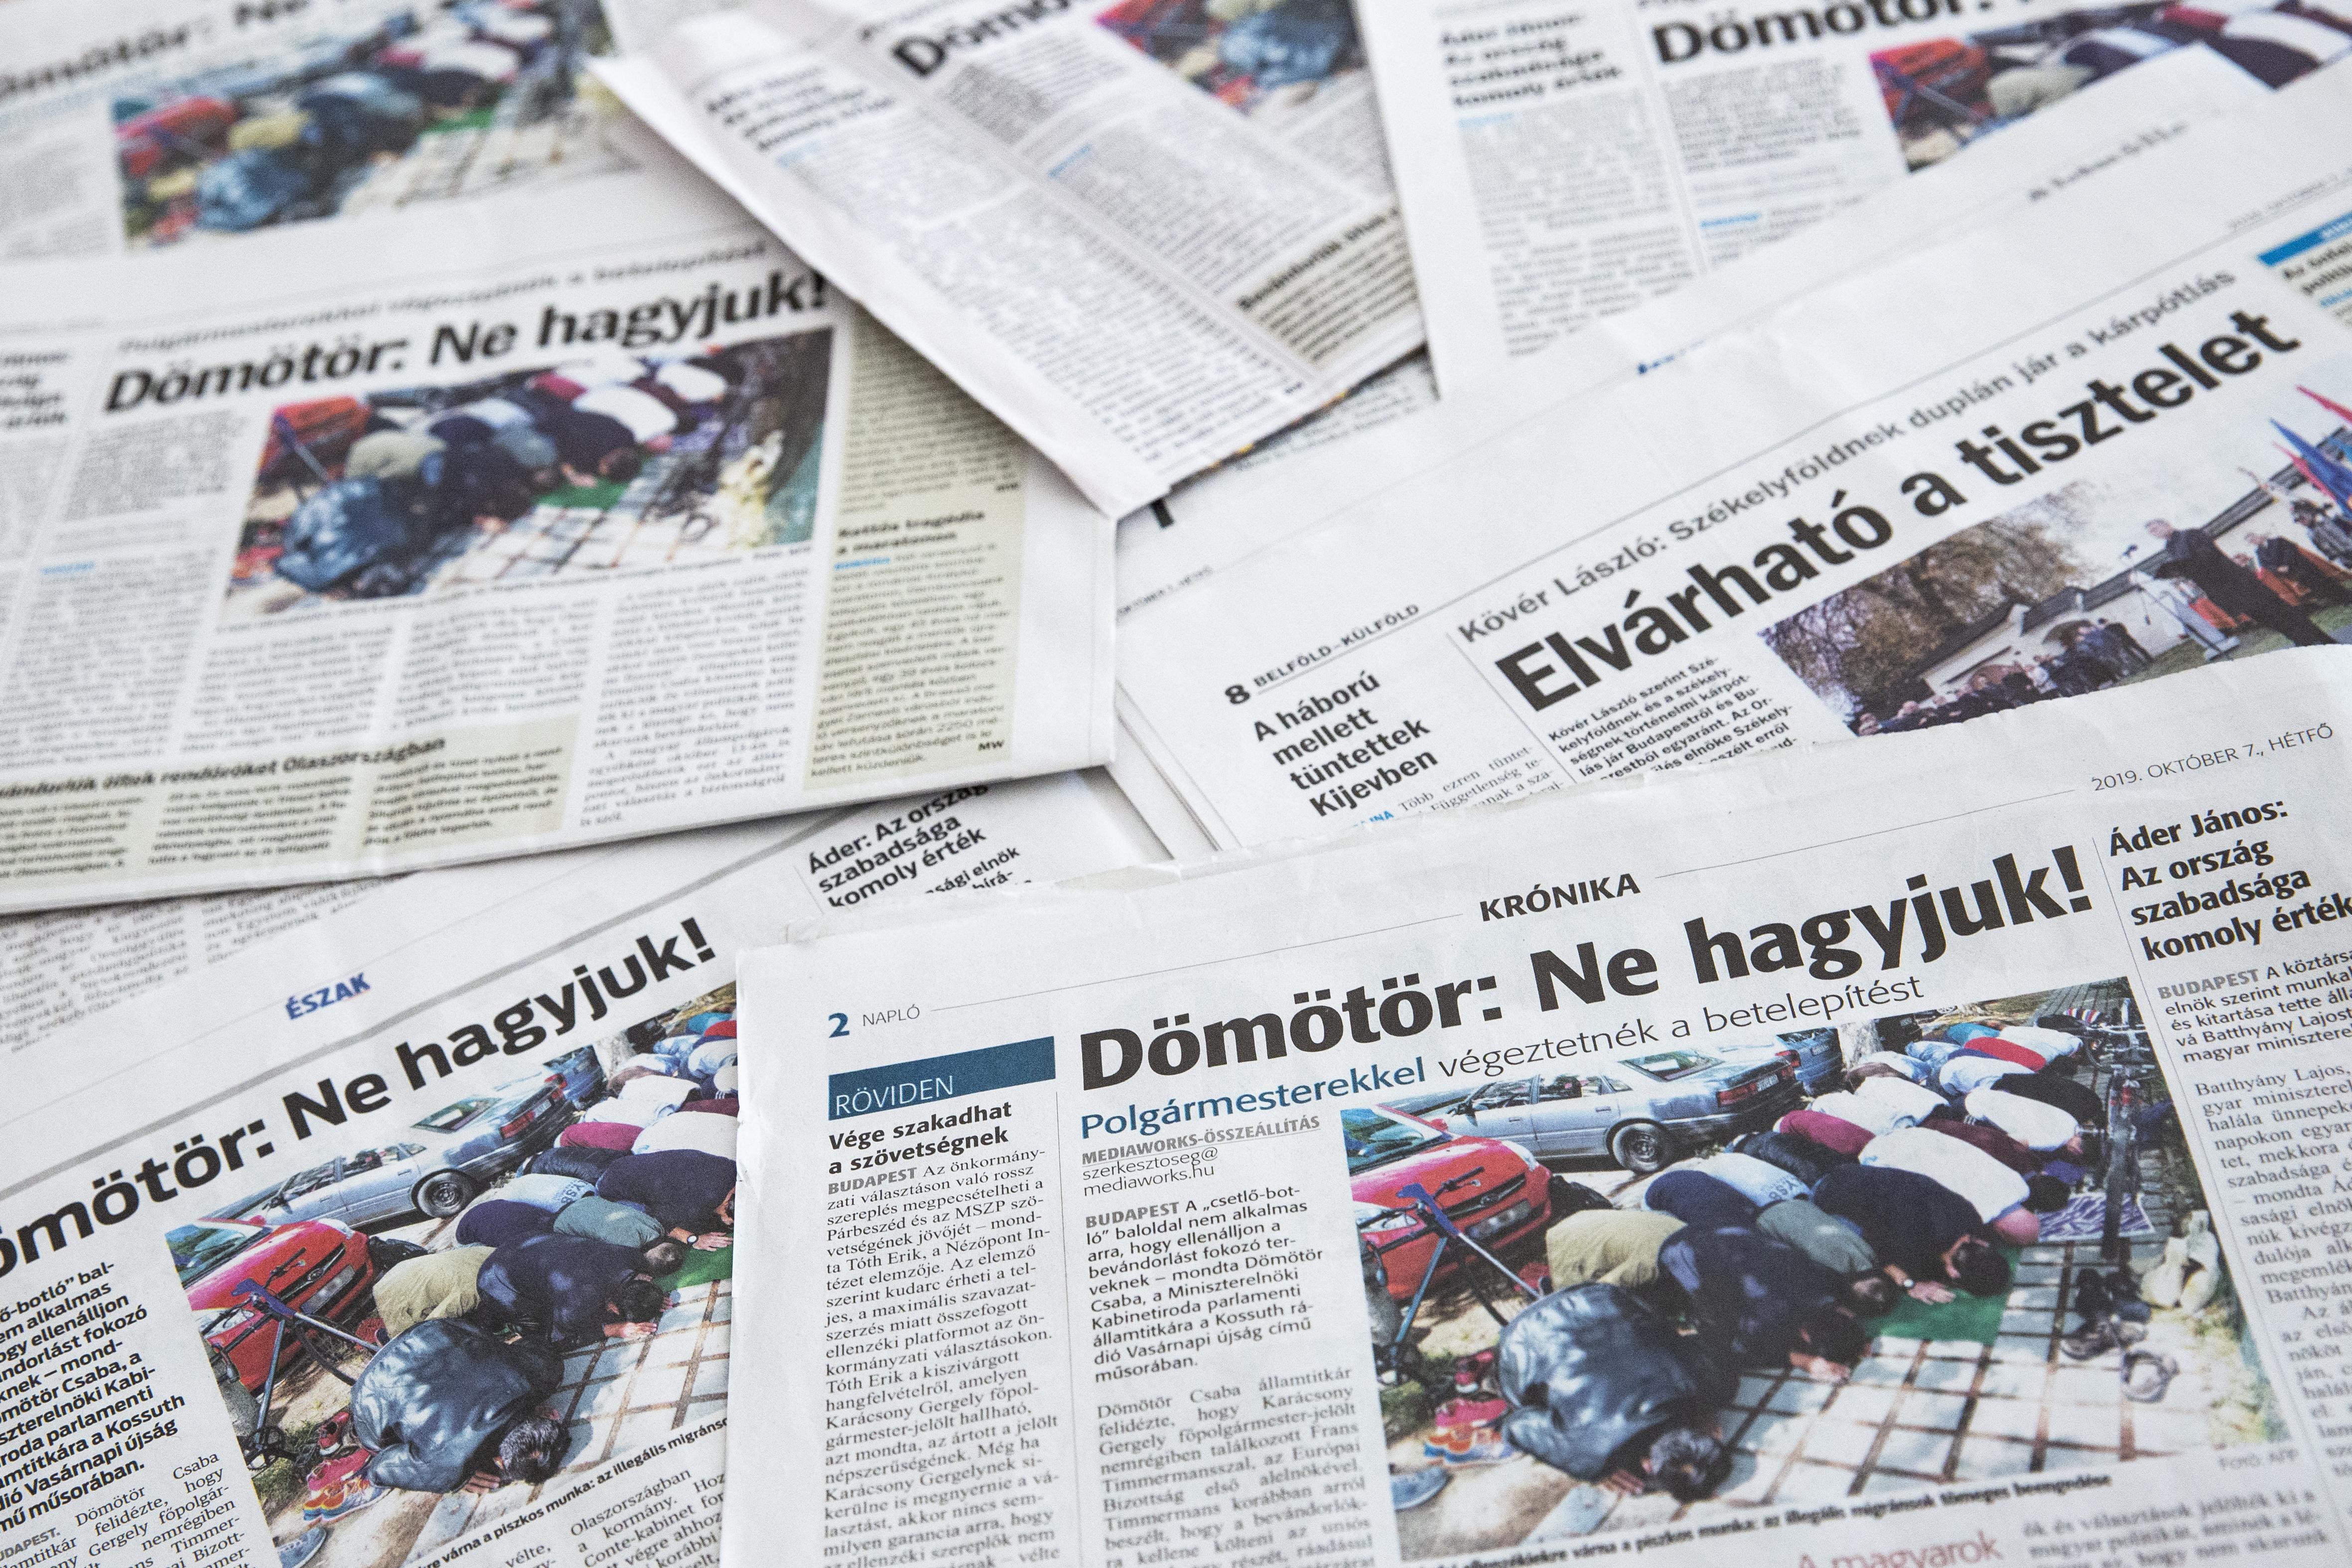 Nem alaptörvényellenes a kormányrendelet, ami  nemzetstratégiai jelentőségűvé minősítette a Közép-Európai Sajtó és Média Alapítványt